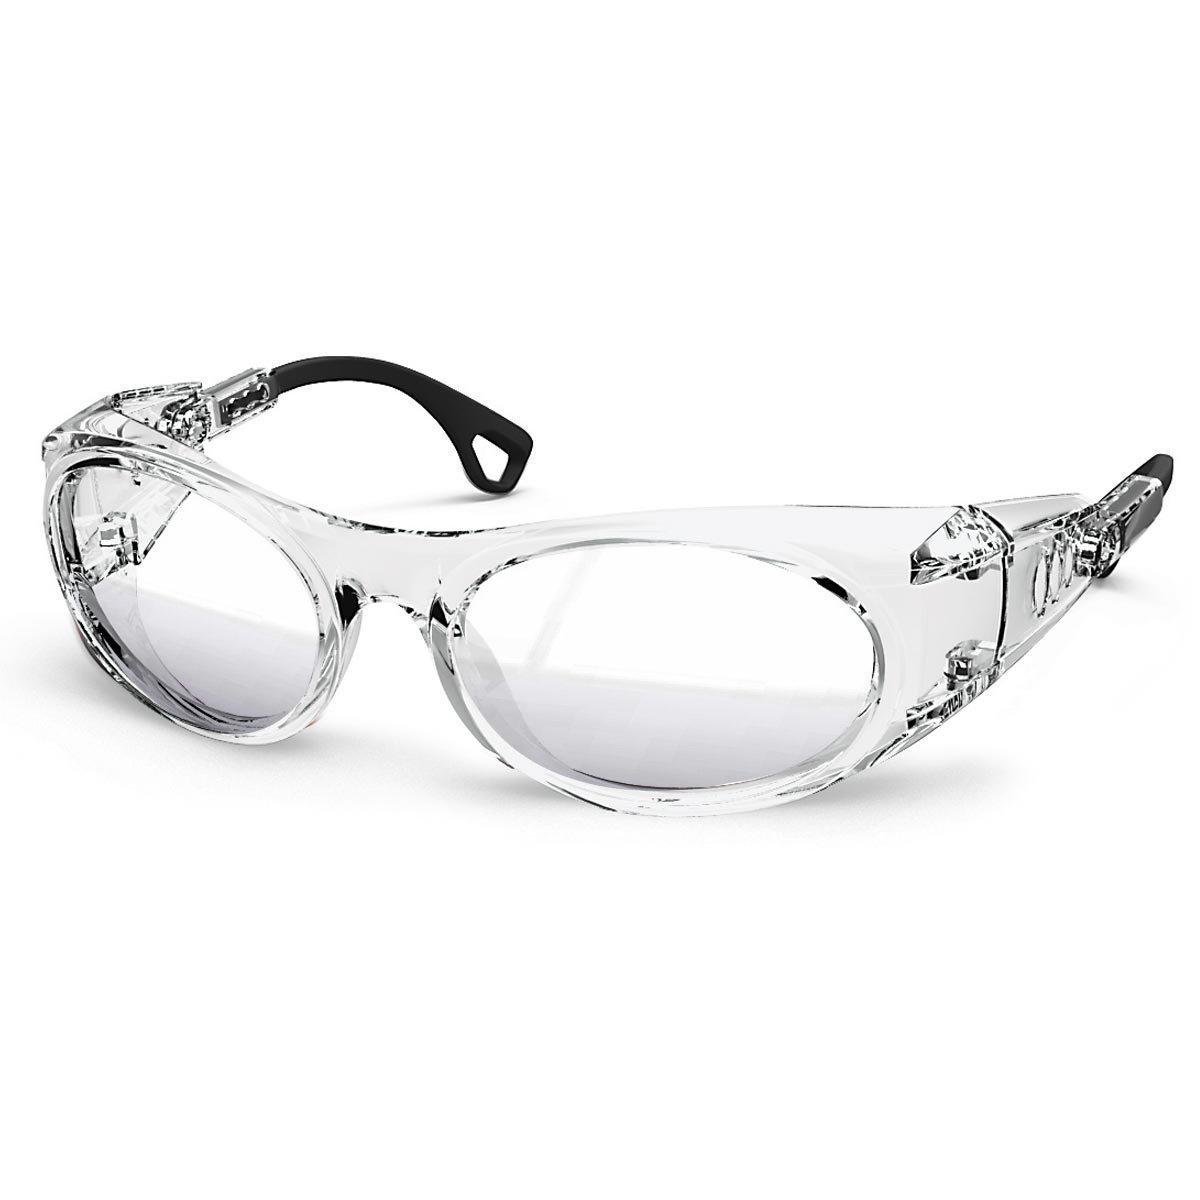 Uvex Korrektionsschutzbrille RX cd 5505 transparent - Super-Entspiegelung